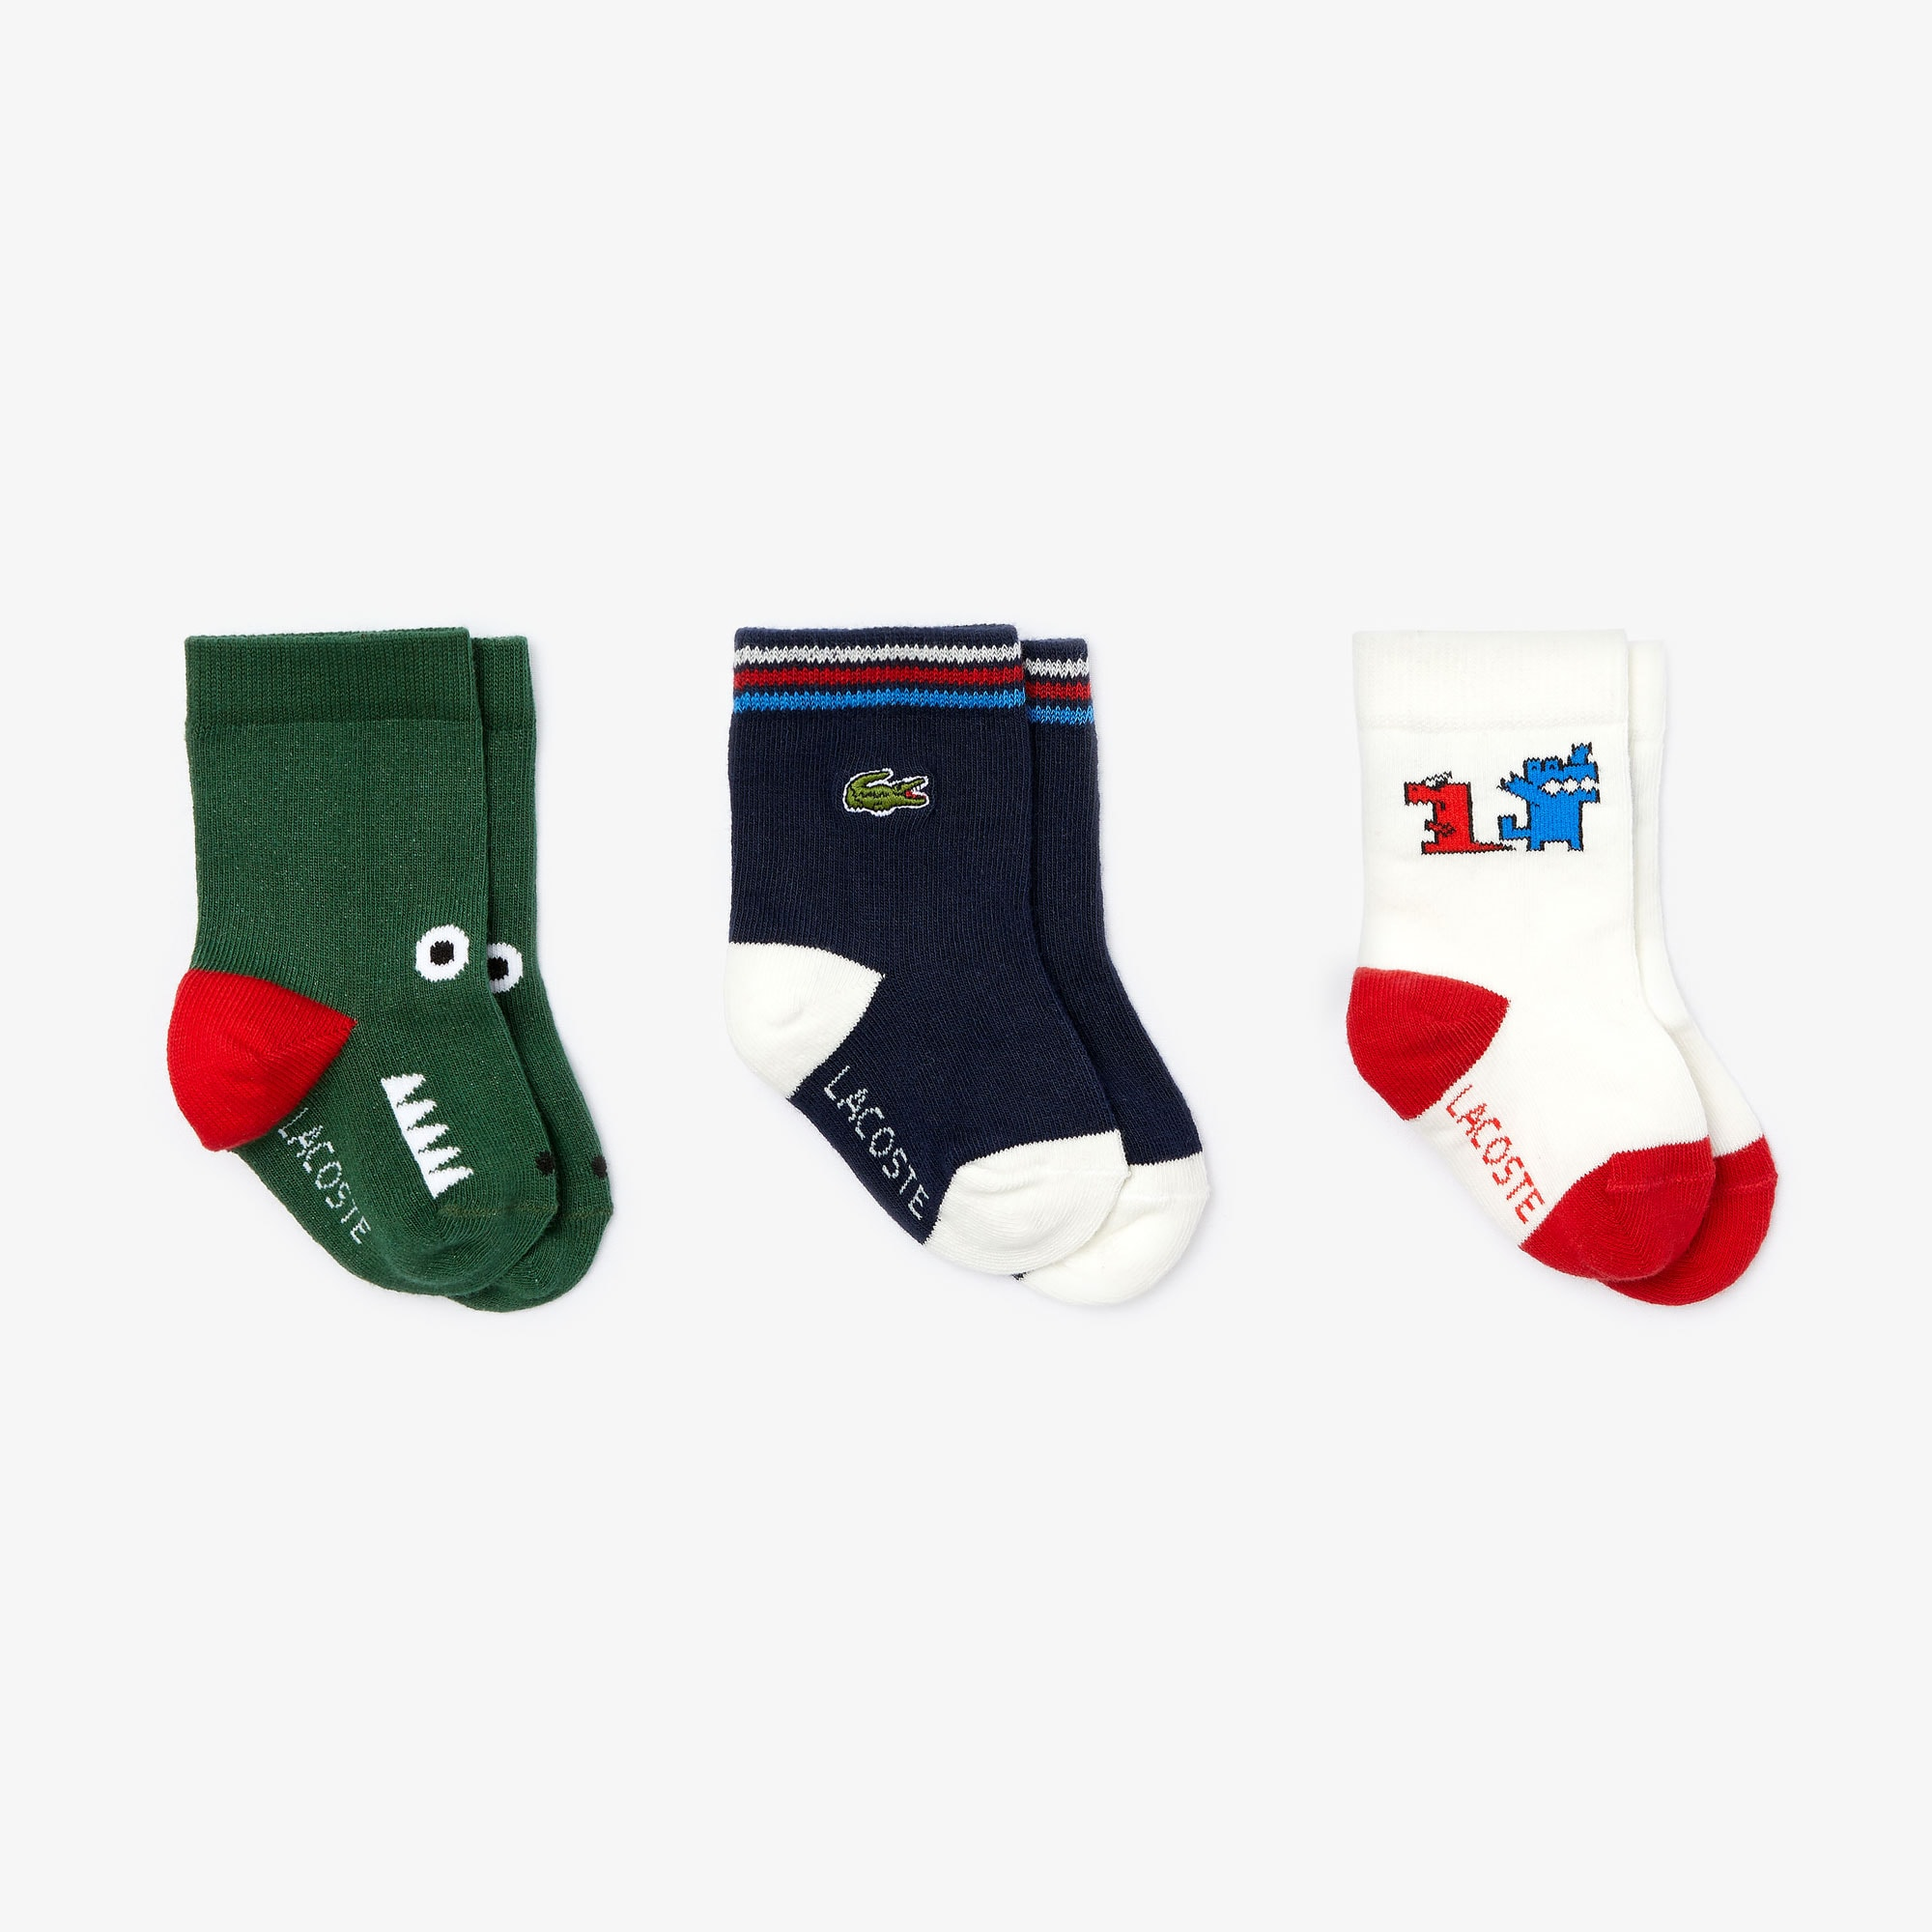 Baby Three Pairs of Fun Baby Socks Gift Box